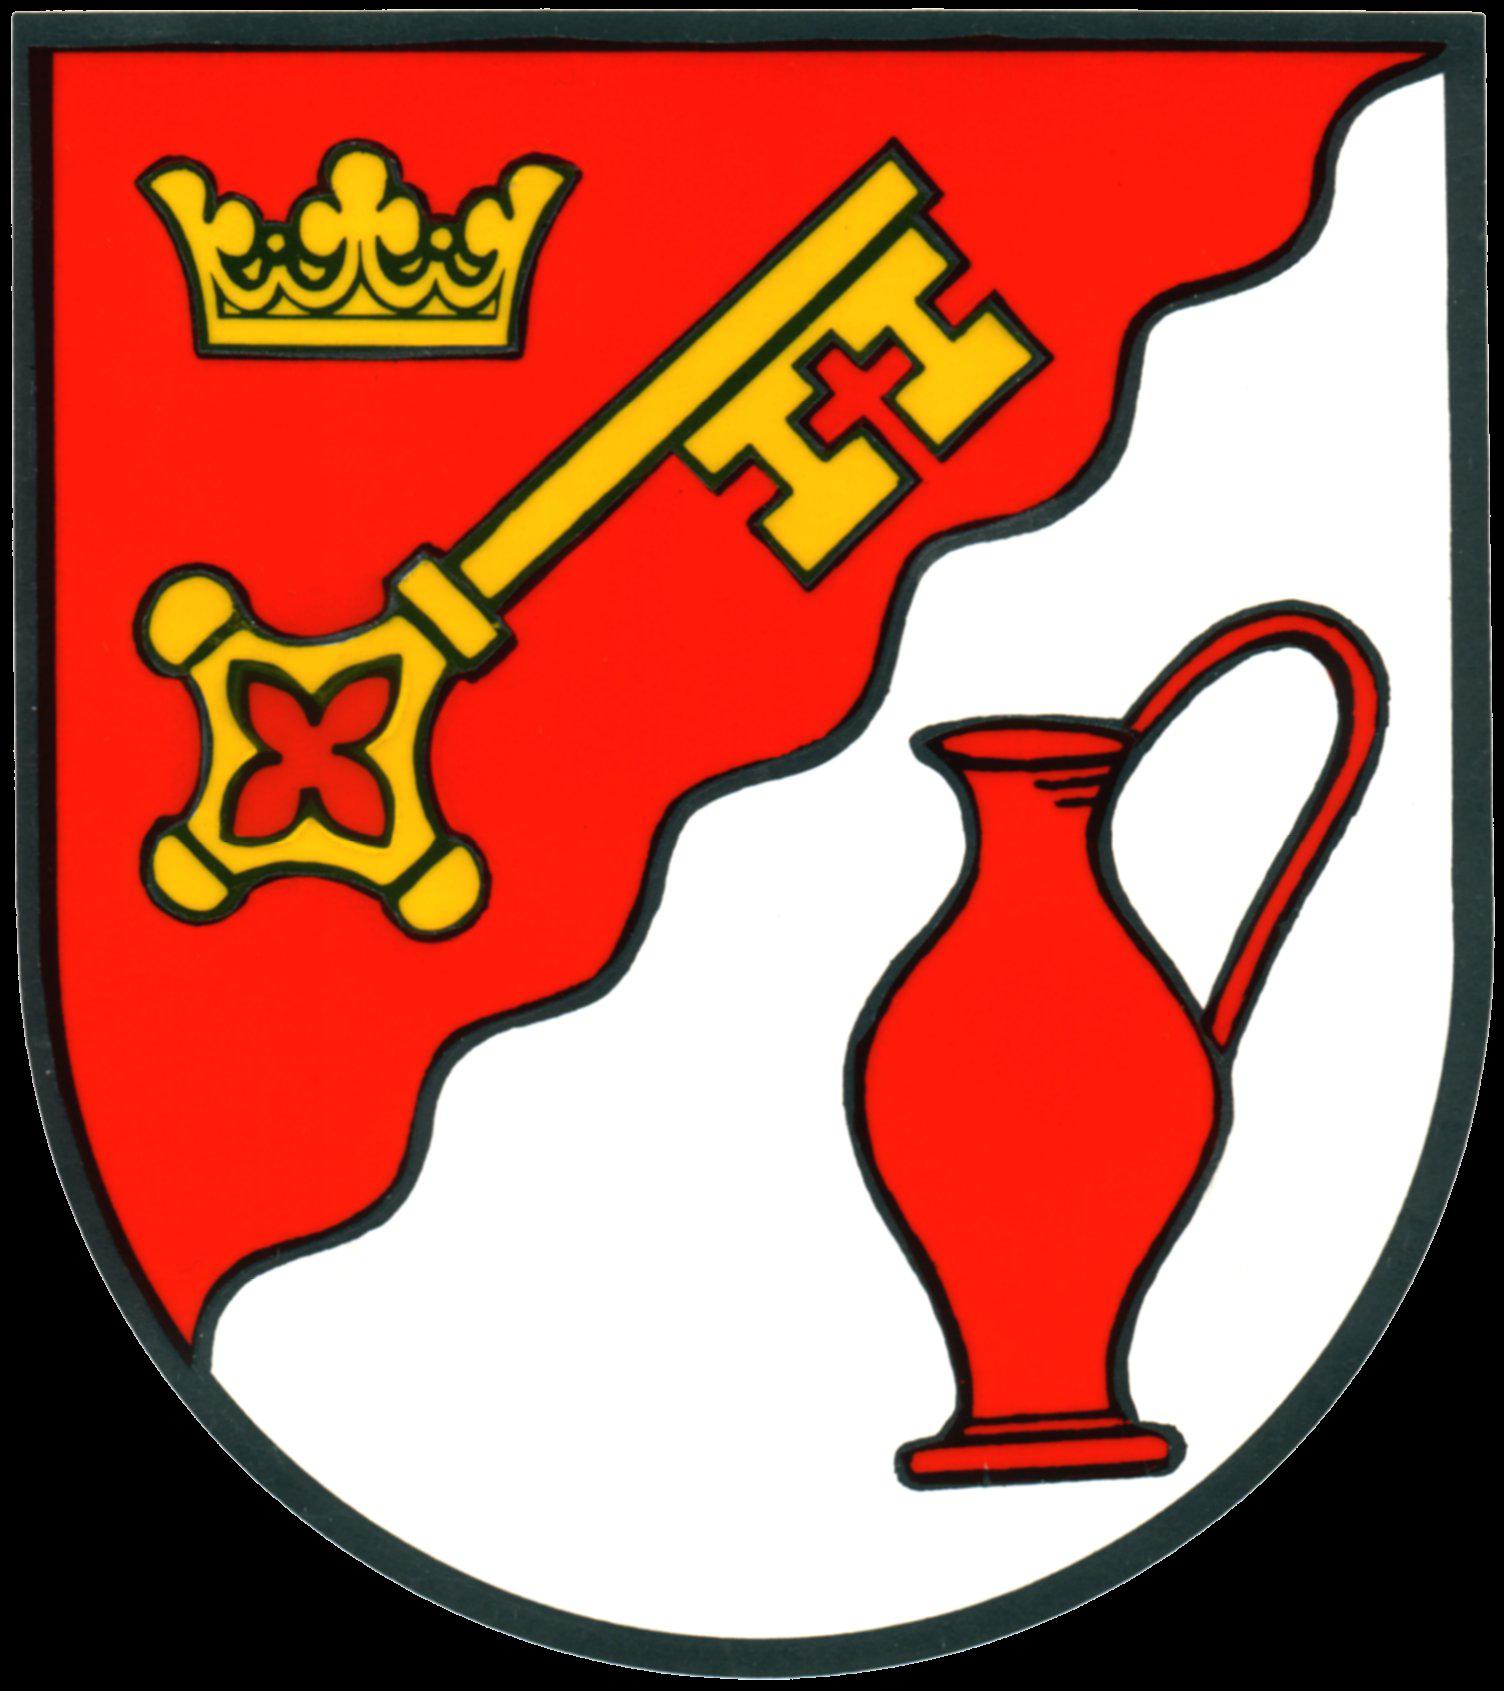 Gemeinde Tawern